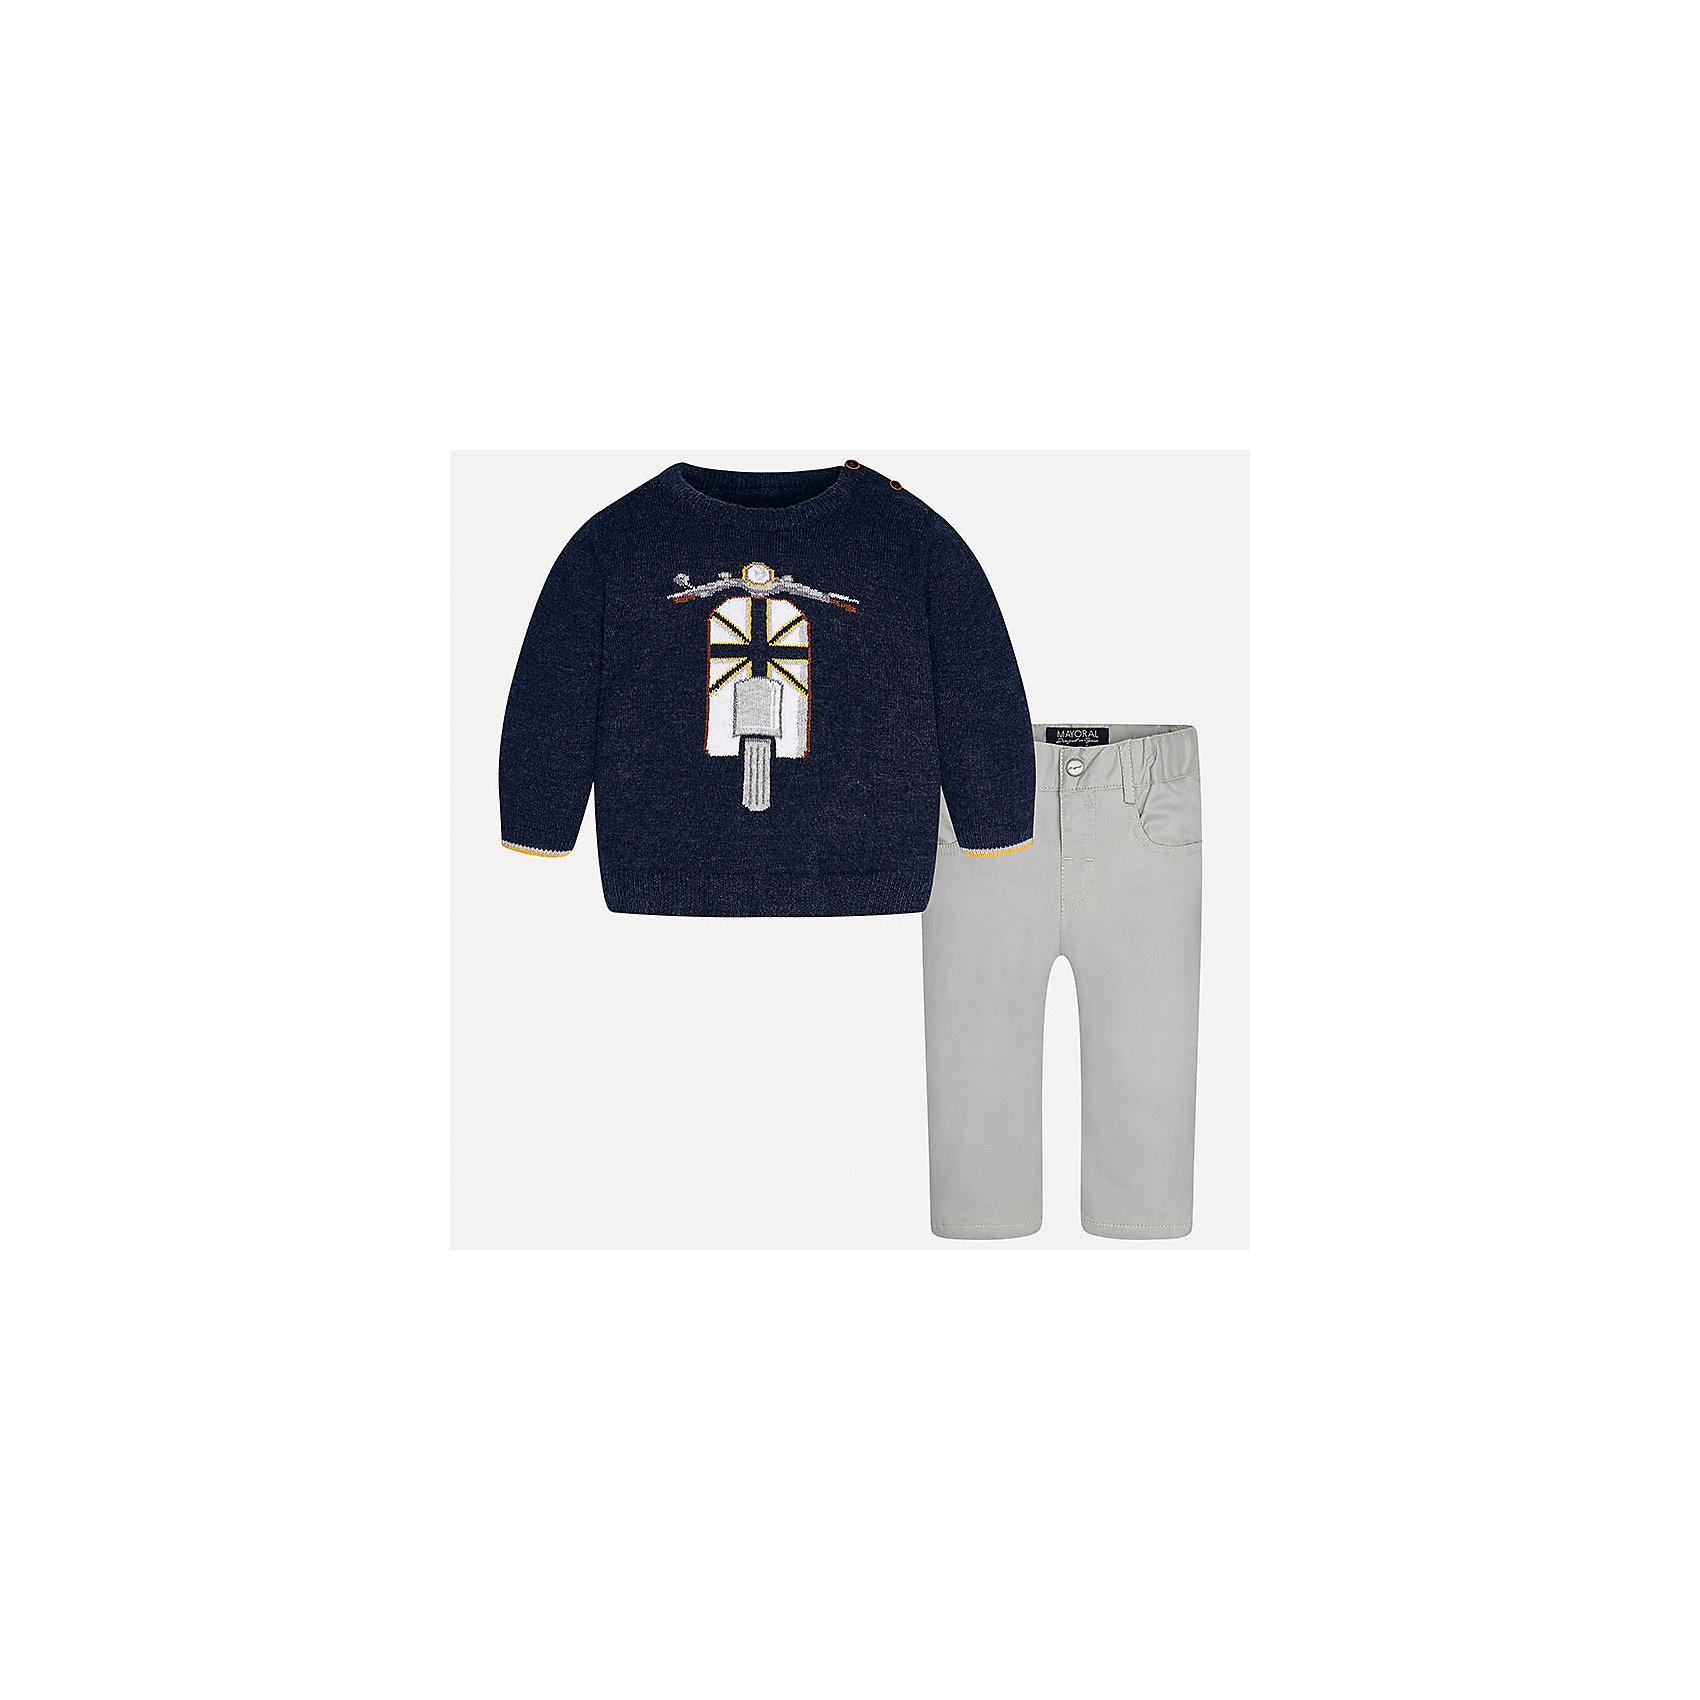 Комплект: свитер и брюки для мальчика MayoralБлузки и рубашки<br>Характеристики товара:<br><br>• цвет: синий/серый<br>• состав ткани: свитер - 60% хлопок, 30% полиамид, 10% шерсть, брюки - 100% хлопок,<br>• комплектация: свитер и брюки<br>• сезон: демисезон<br>• особенности модели: вязаный рисунок<br>• шлевки<br>• регулируемая талия<br>• застежка брюк: пуговица<br>• страна бренда: Испания<br>• страна изготовитель: Индия<br><br>Детский комплект из свитера и брюк сделан из плотного приятного на ощупь материала. Благодаря продуманному крою детского свитера создаются комфортные условия для тела. Брюки для мальчика отличаются классическим дизайном.<br><br>Комплект: свитер и брюки для мальчика Mayoral (Майорал) можно купить в нашем интернет-магазине.<br><br>Ширина мм: 215<br>Глубина мм: 88<br>Высота мм: 191<br>Вес г: 336<br>Цвет: сине-серый<br>Возраст от месяцев: 6<br>Возраст до месяцев: 9<br>Пол: Мужской<br>Возраст: Детский<br>Размер: 74,98,80,86,92<br>SKU: 6935391